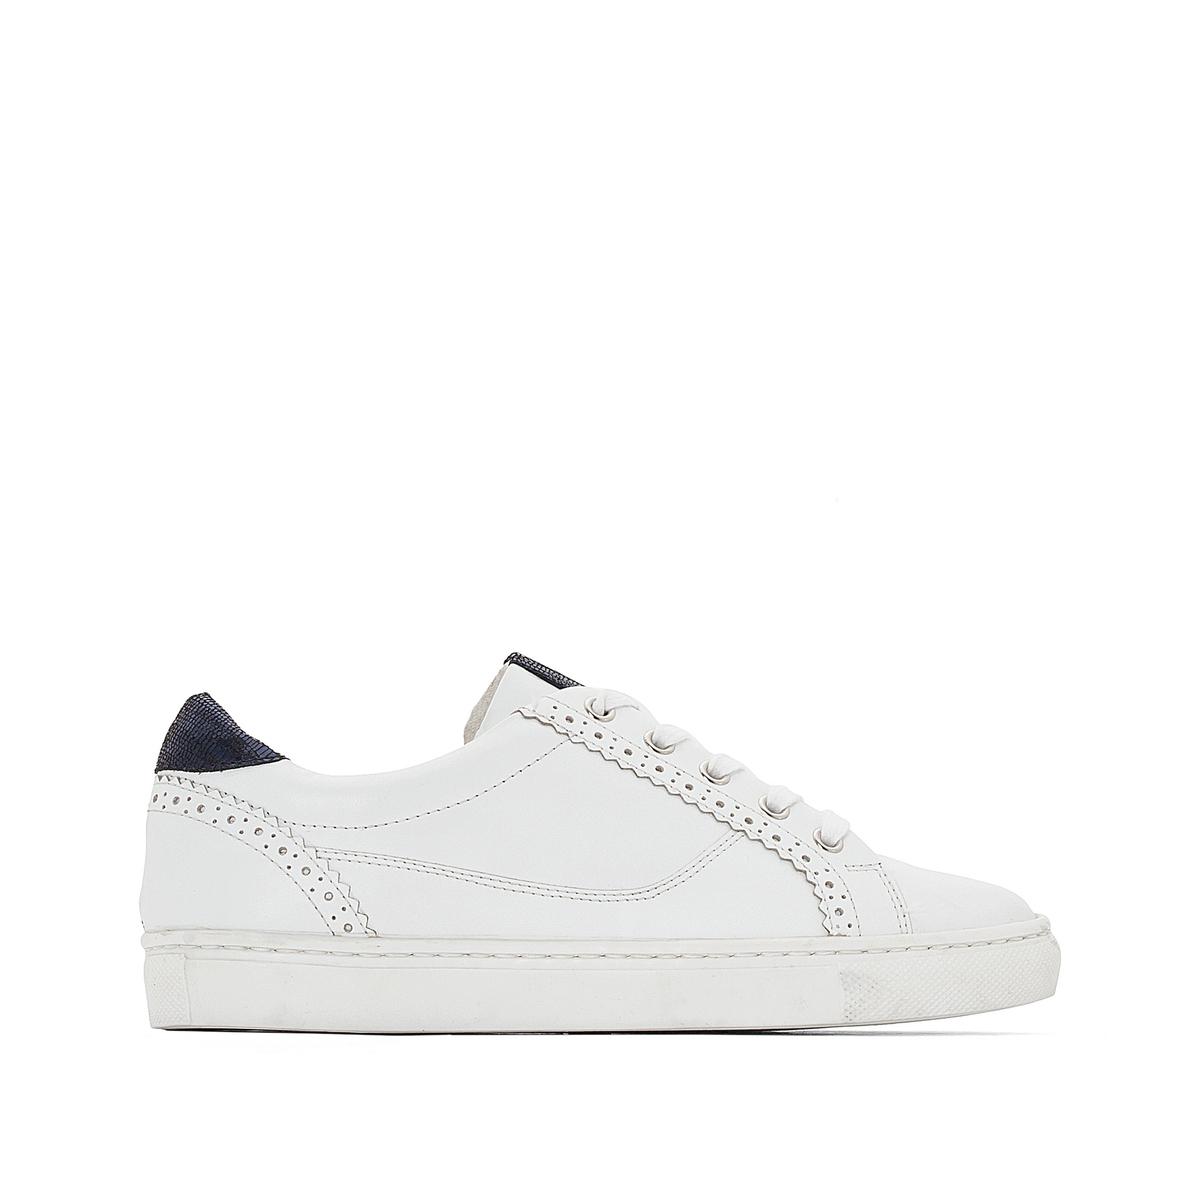 Кеды кожаныеДетали  • Назначение: спортивная обувь   • Плоский каблук   • Высота каблука : 0 см •  Застежка  : шнуровка •  Гладкая отделка Состав и уход   • Верх/Голенище 100% кожа    •  Подкладка 100% хлопок  •  Стелька 100% хлопок<br><br>Цвет: белый + зеленый,белый + синий<br>Размер: 39.37.38